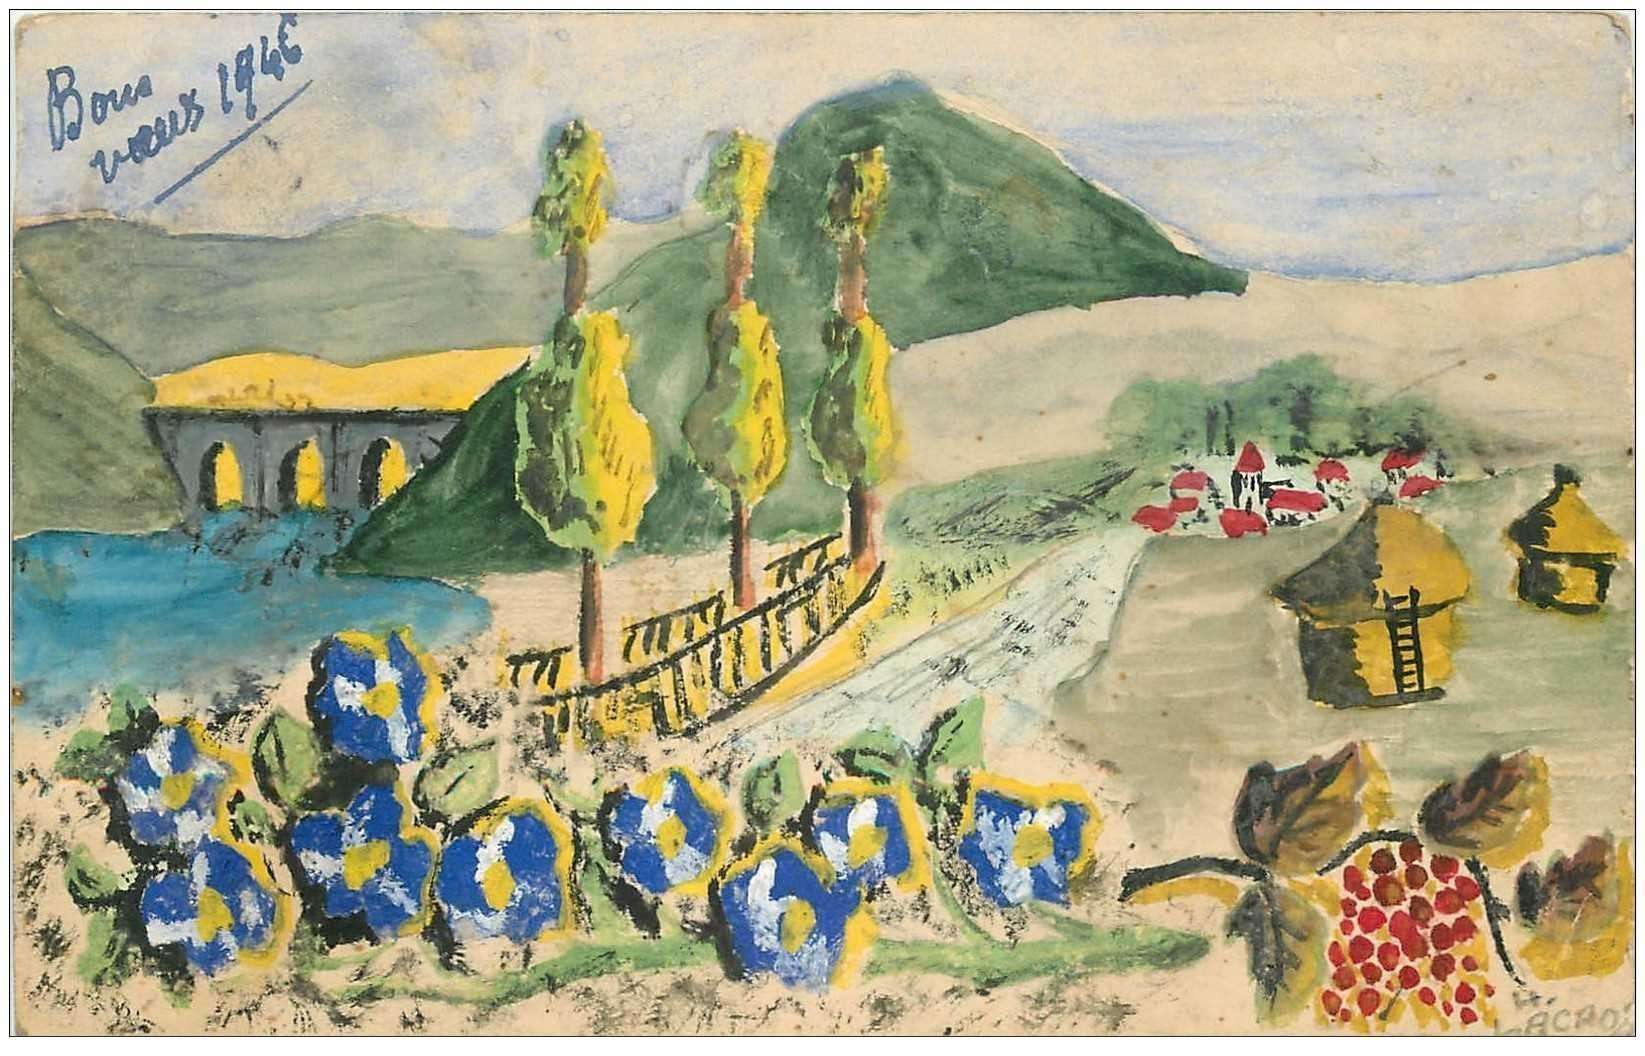 carte postale ancienne carte postale peinte à la main par un certain Lacroix gé de 15 ans 1946